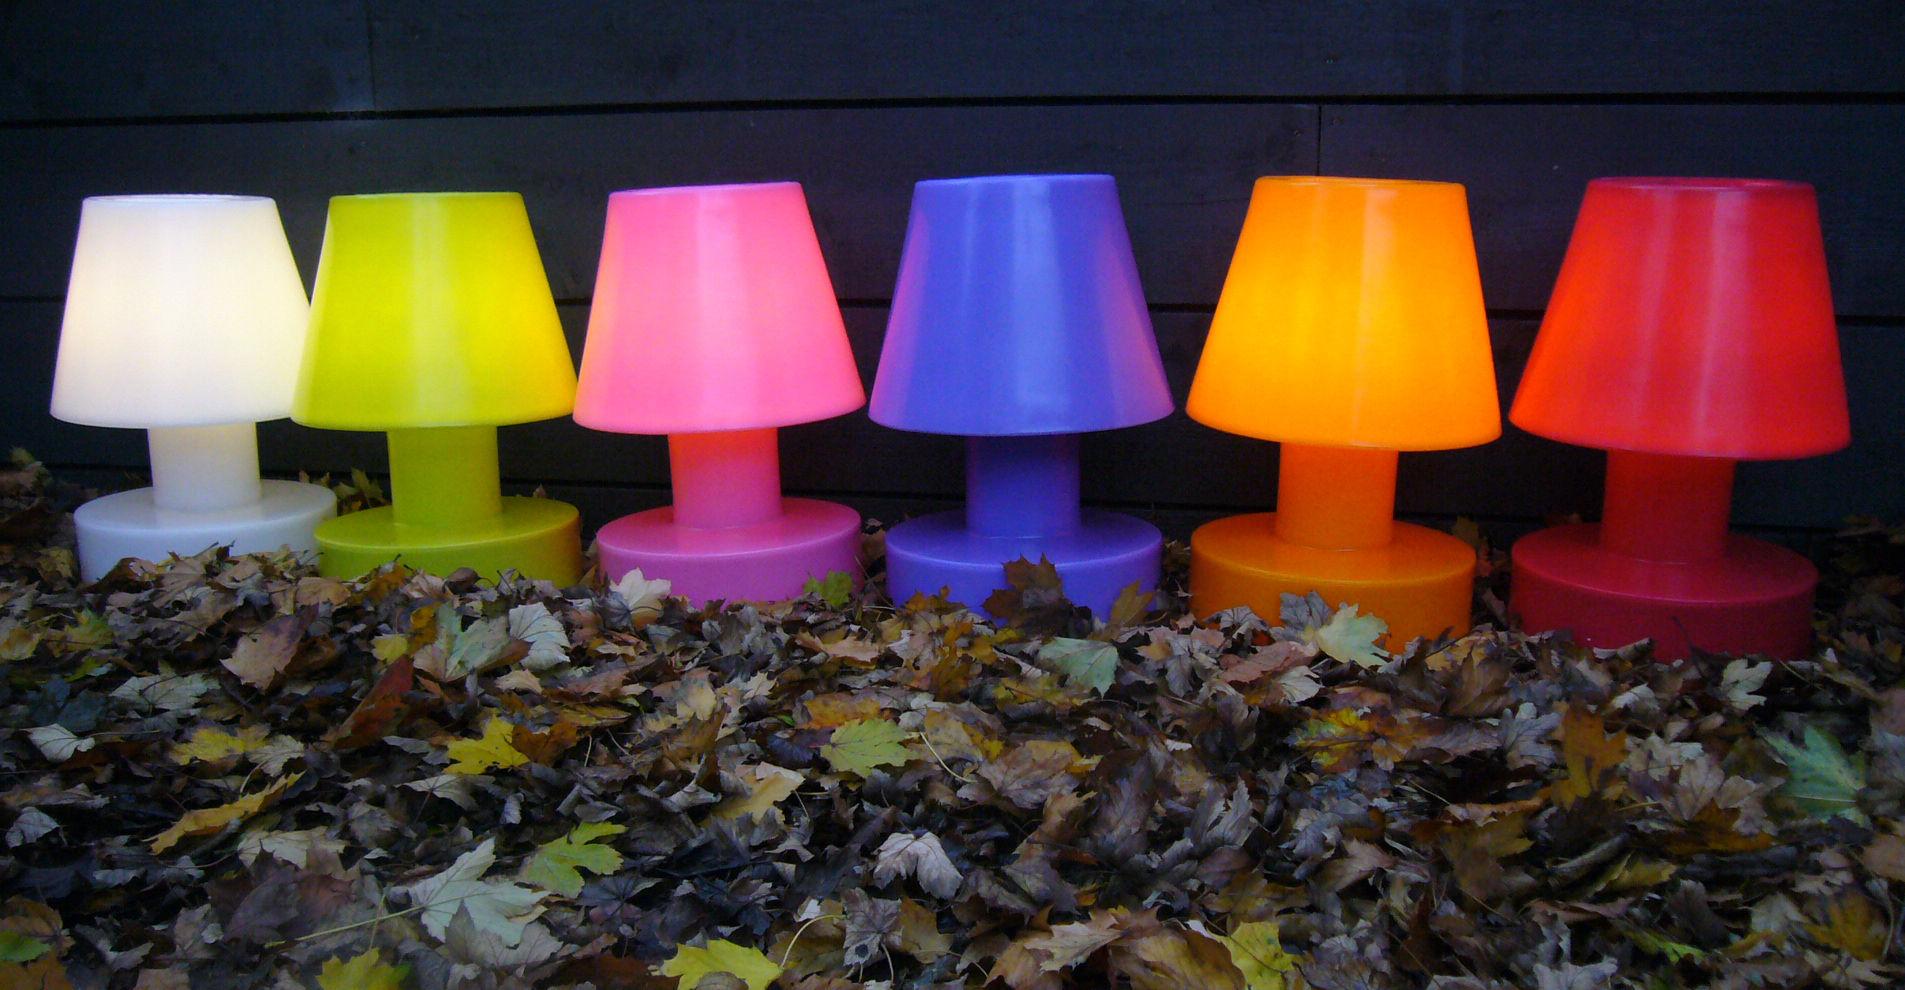 Scopri Lampe sans fil -portatile senza fili ricaricabile - H 28 cm, Bianco di...